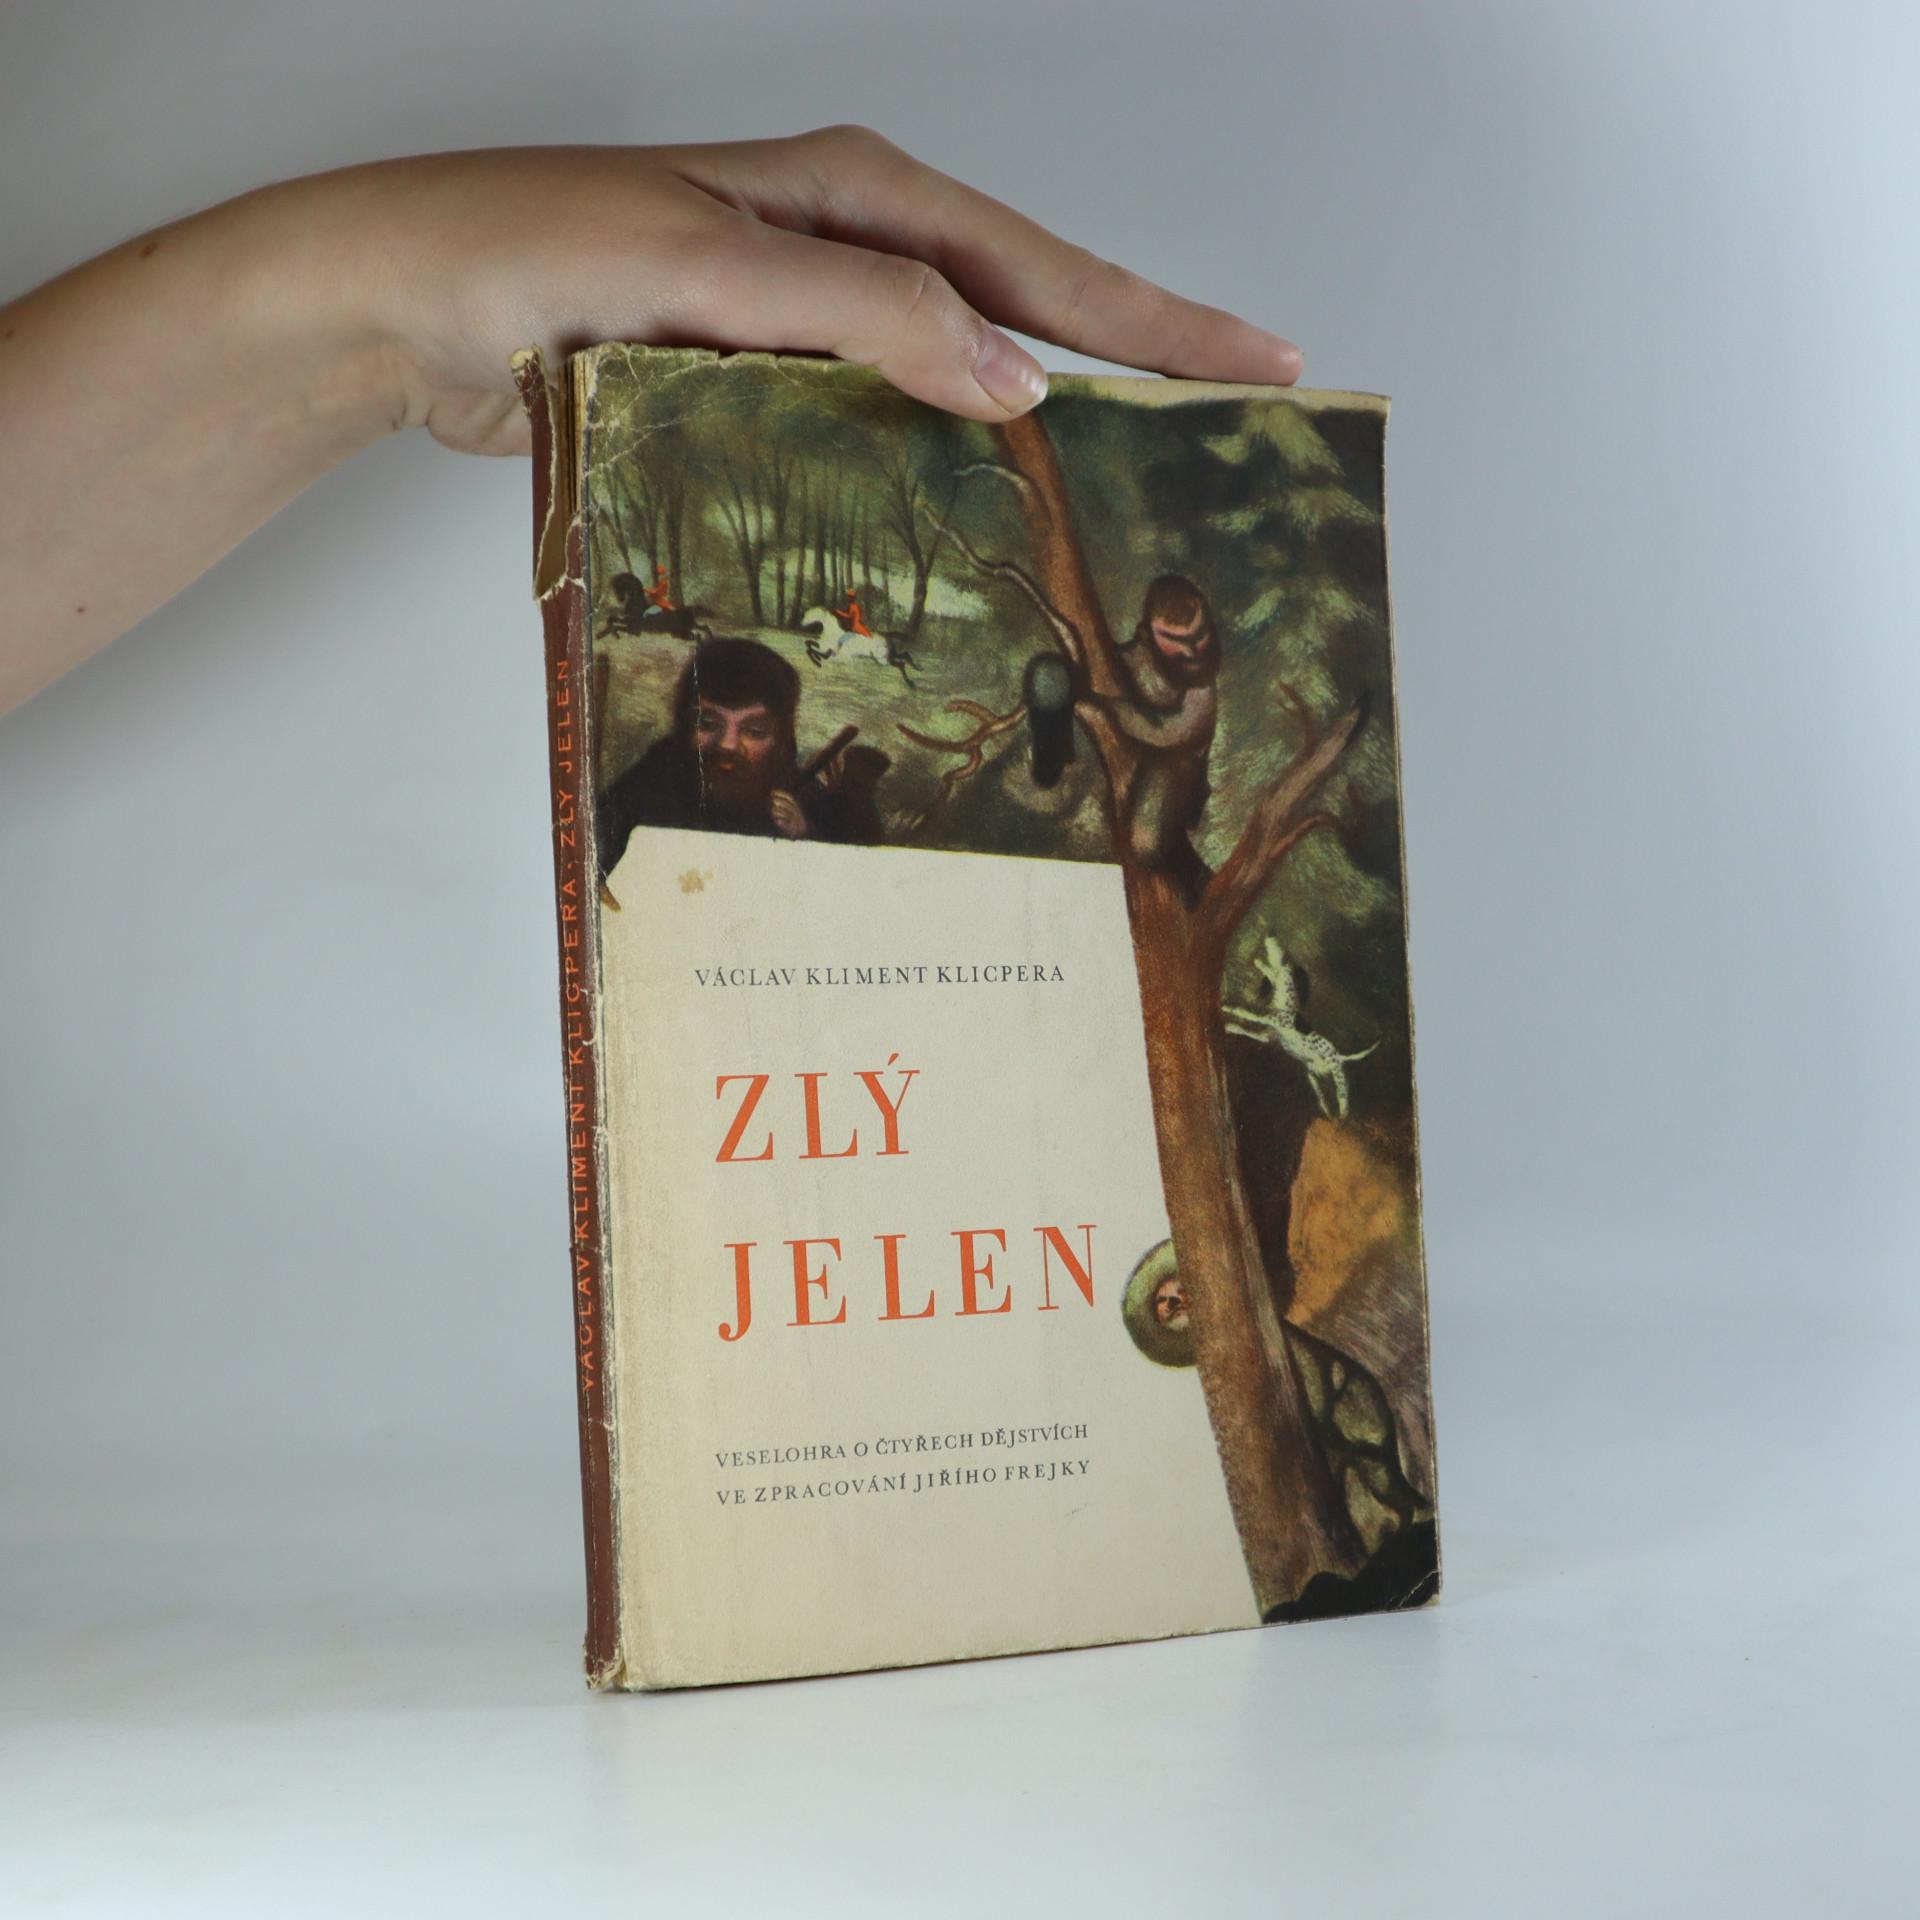 antikvární kniha Zlý jelen, 1943